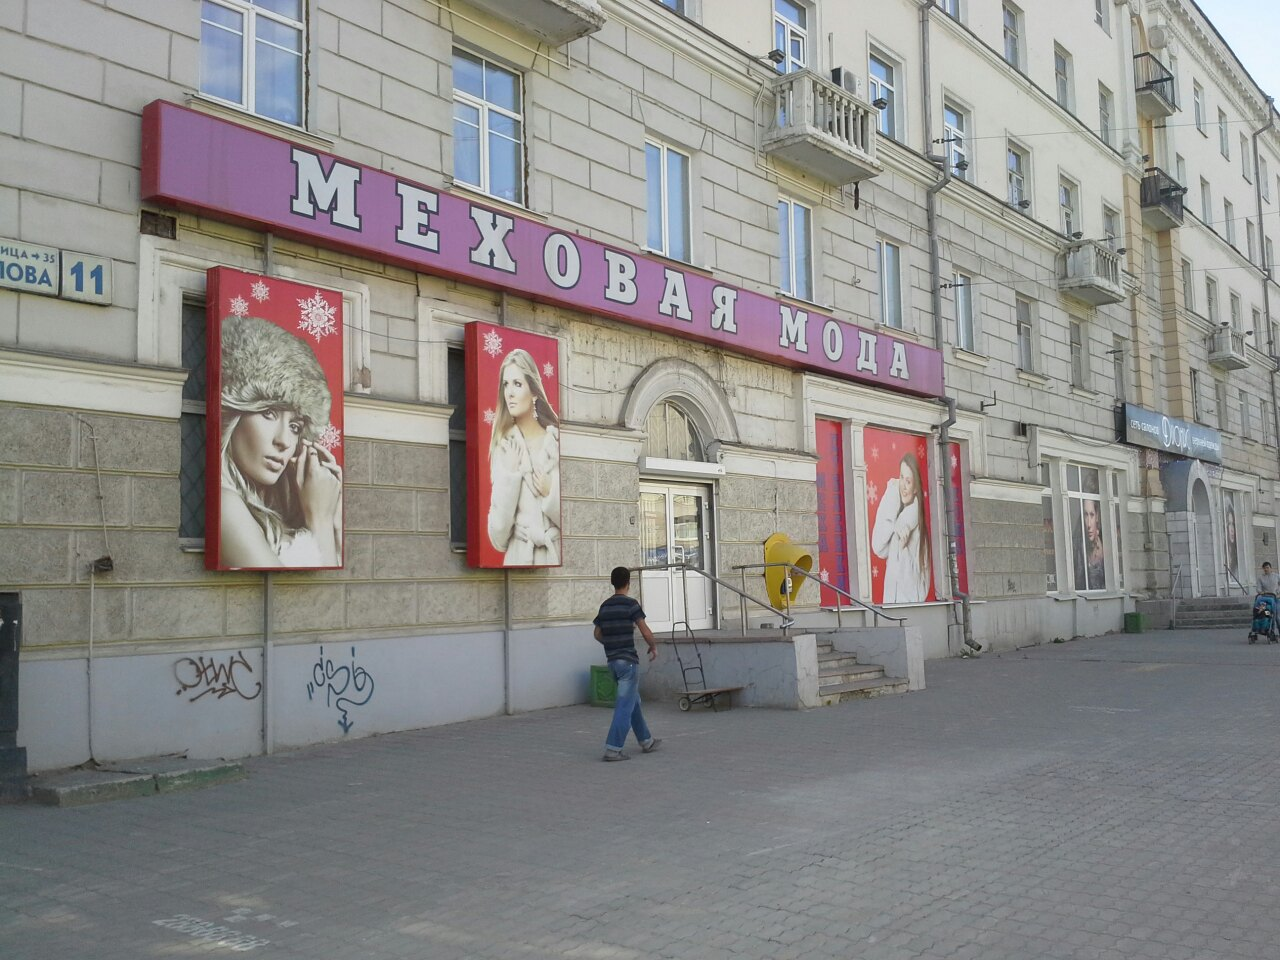 В центре Екатеринбурга ночью ограбили меховой магазин